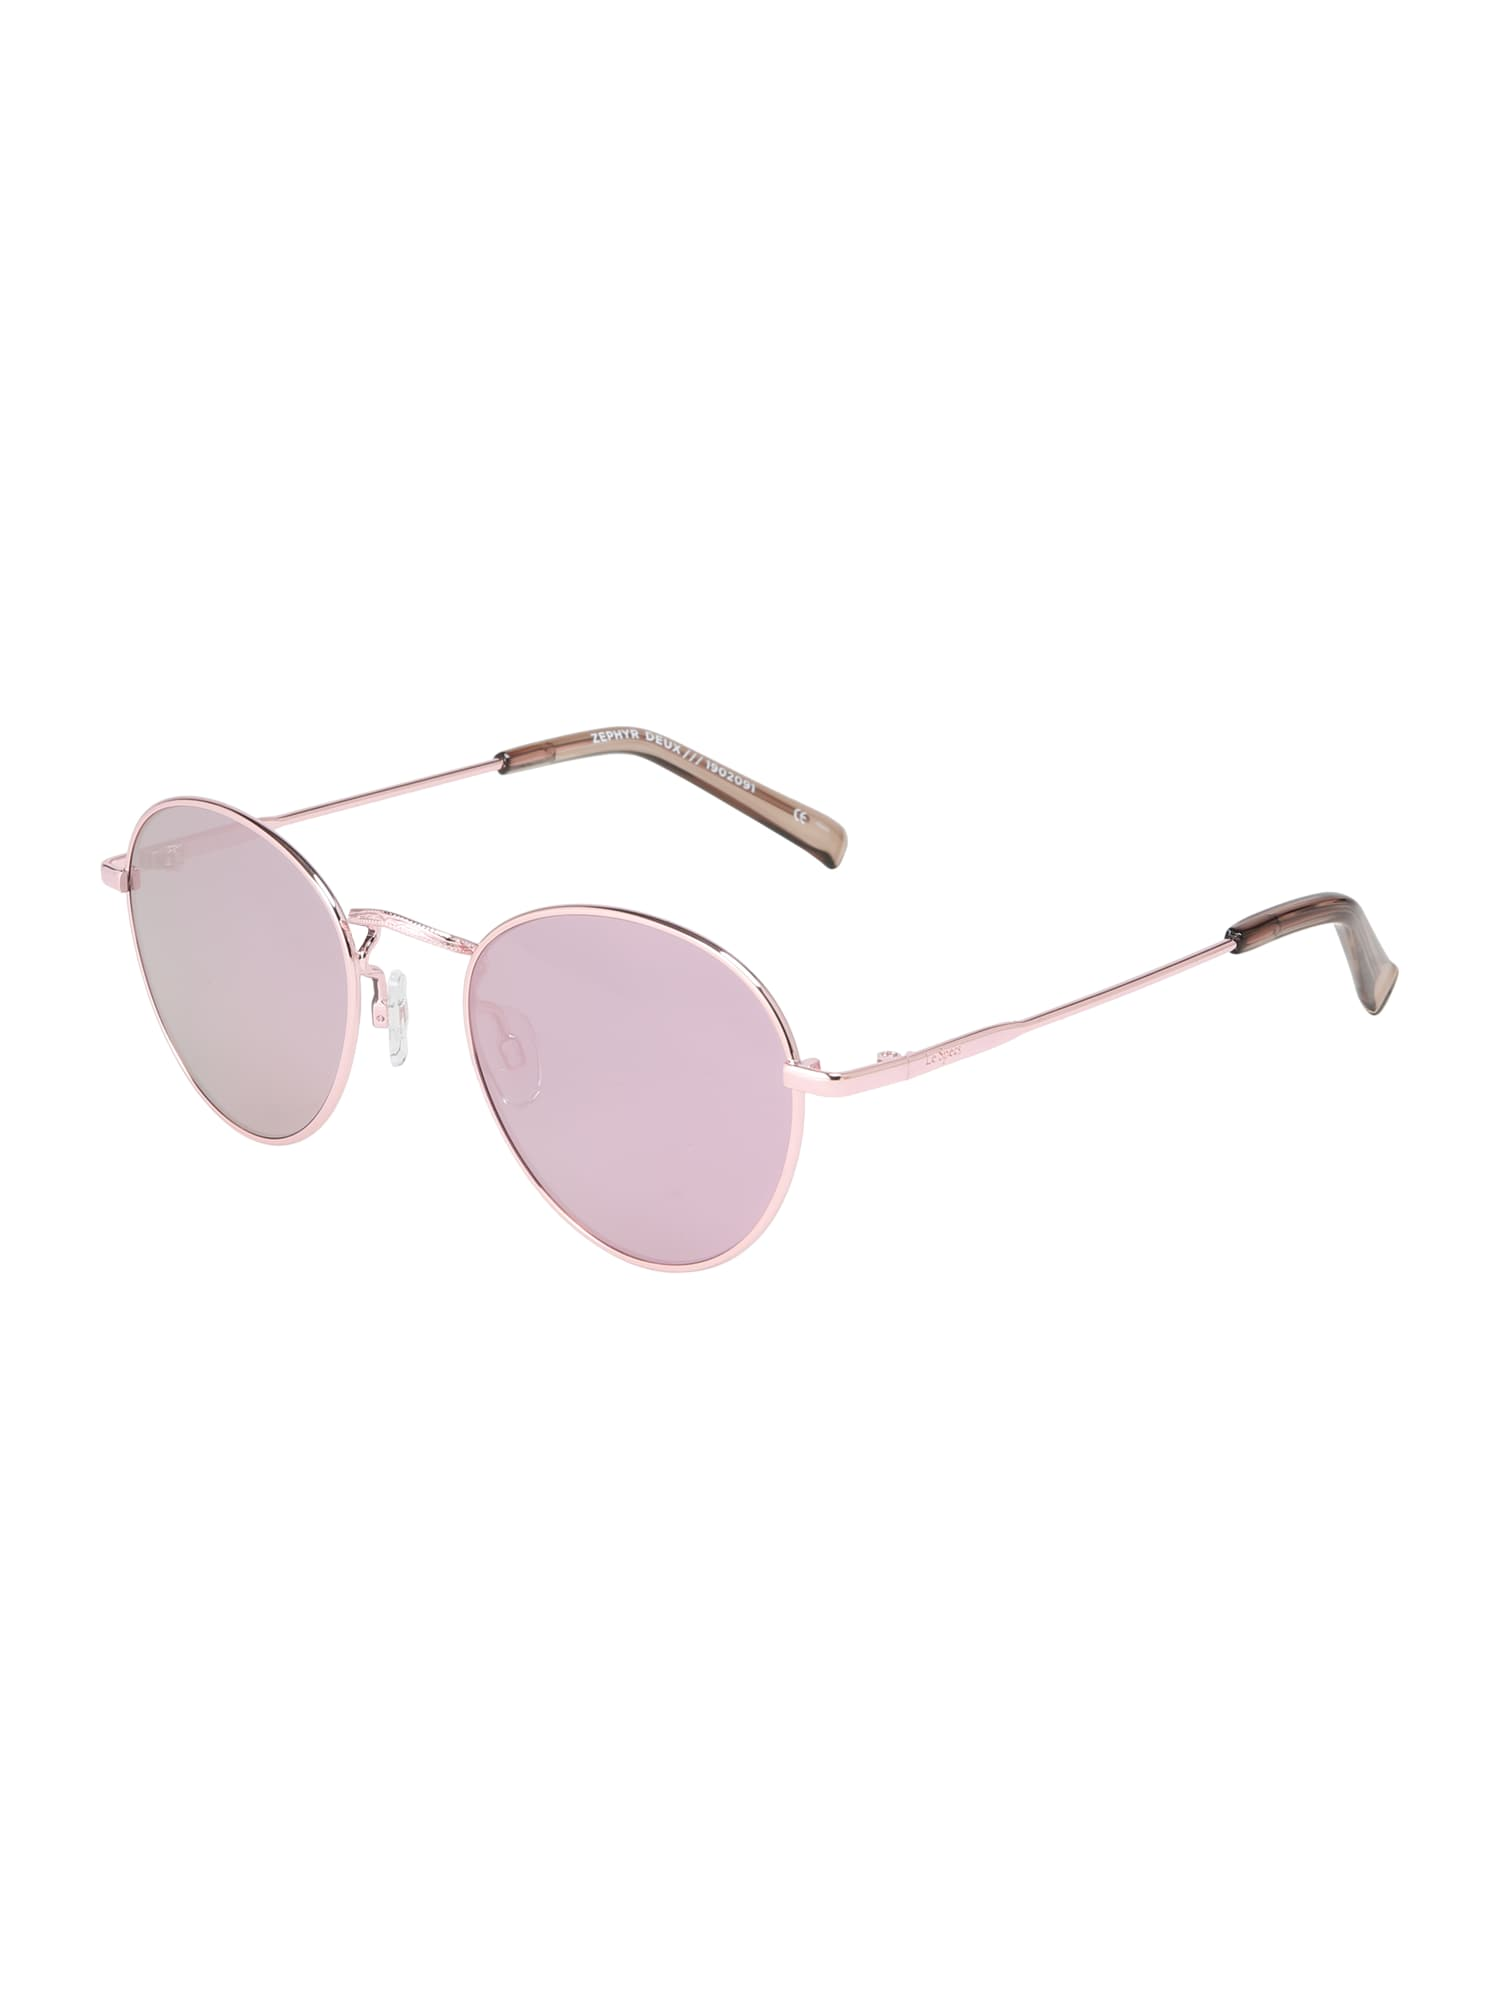 Sluneční brýle Zephyr Deux růžová LE SPECS